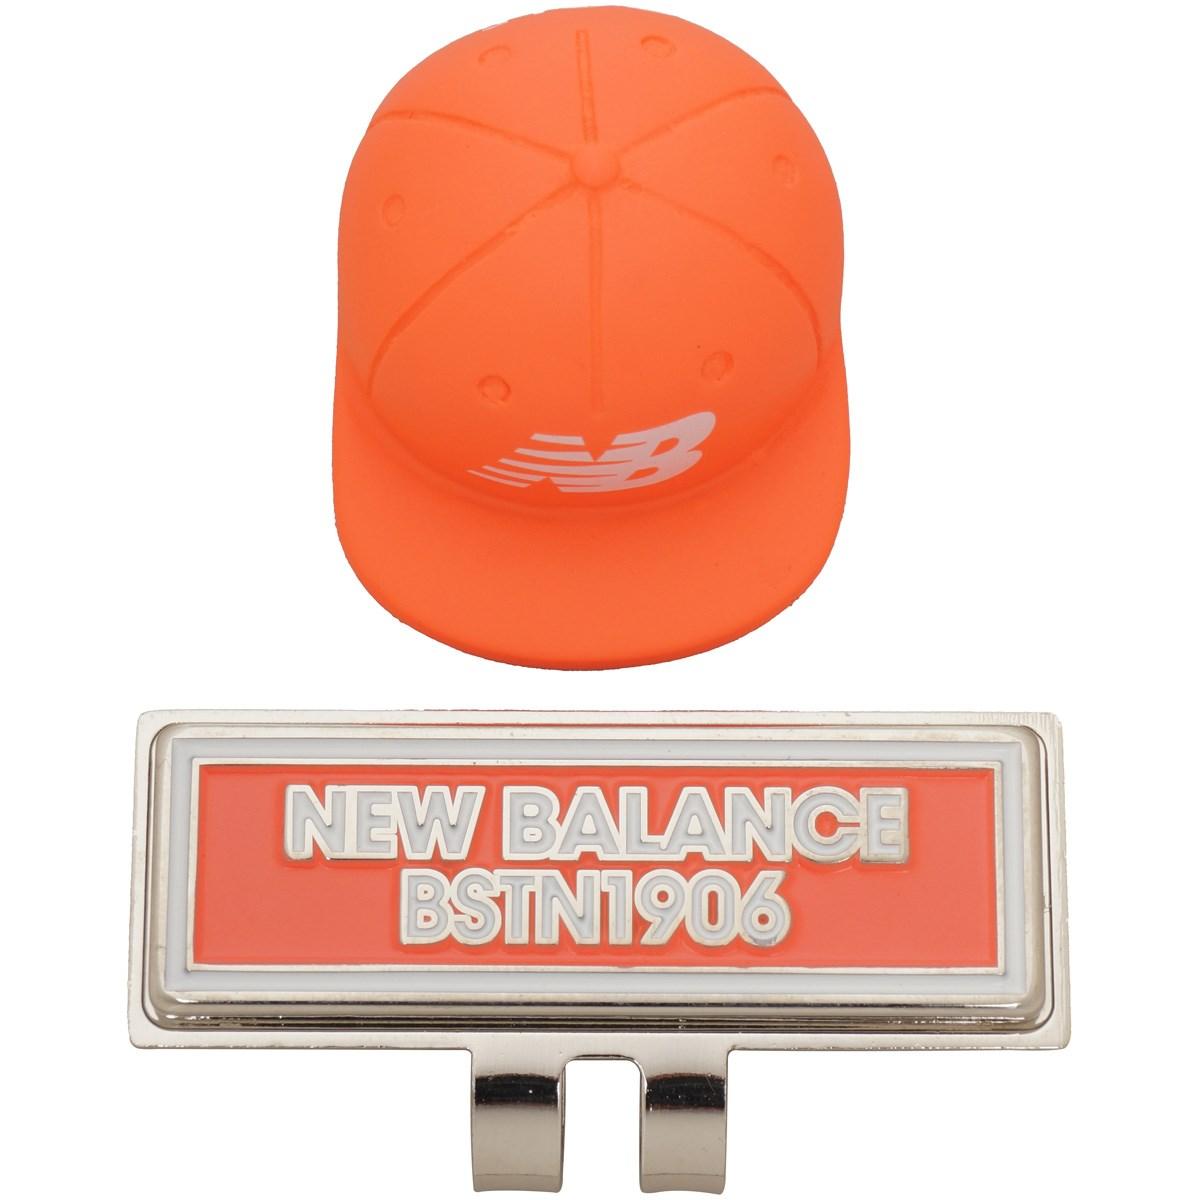 ニューバランス METRO NBキャップフィギュアマーカー